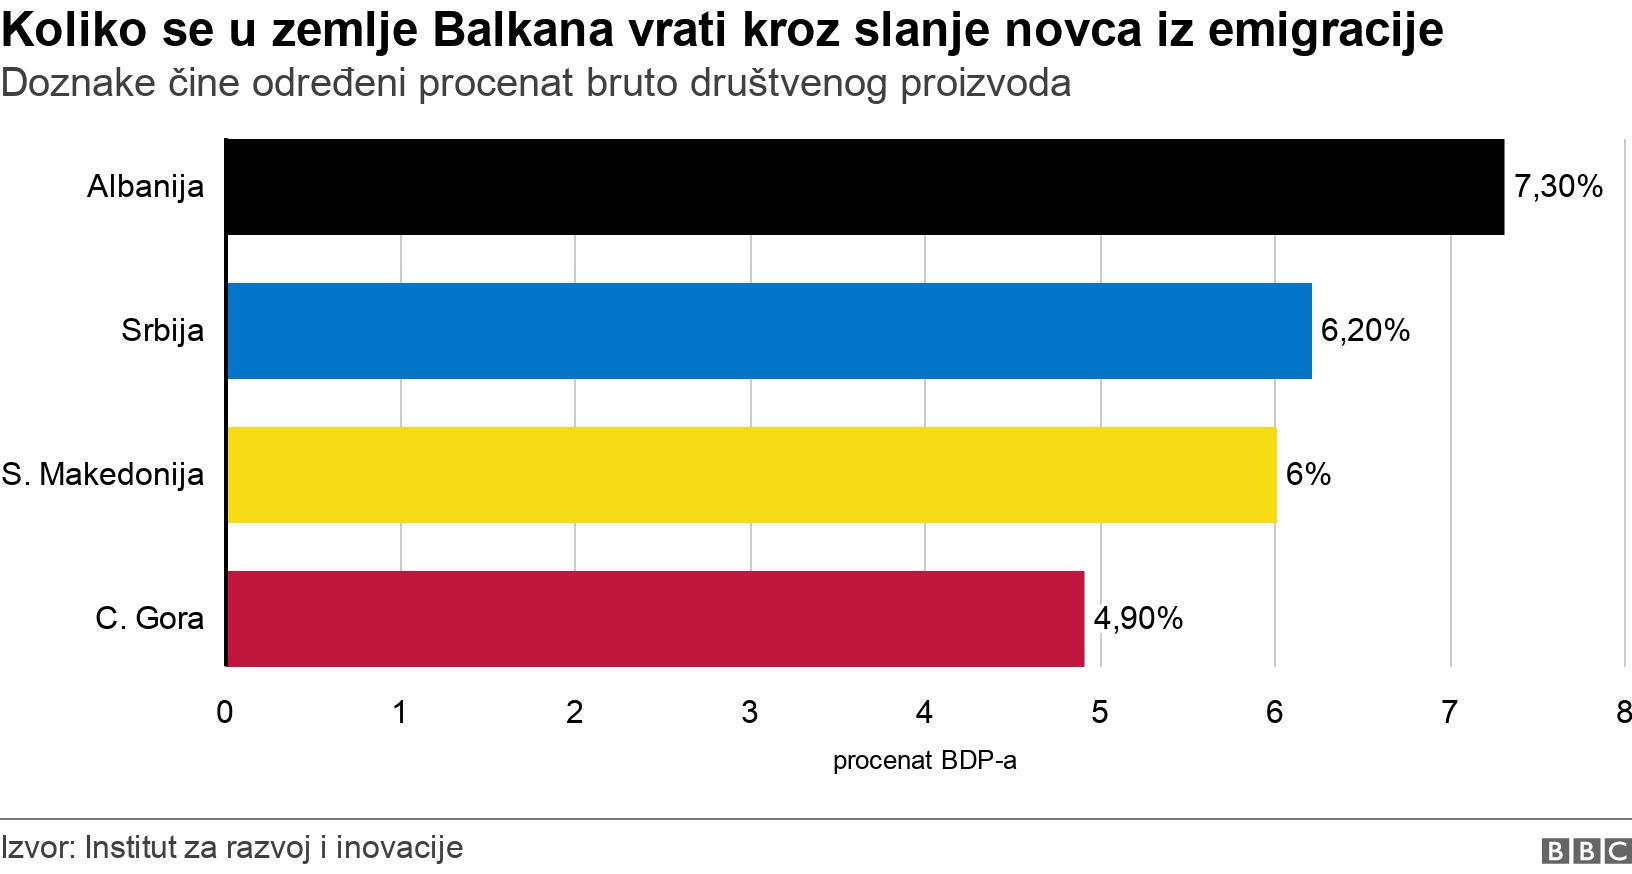 Koliko se u zemlje Balkana vrati kroz slanje novca iz emigracije. Doznake čine određeni procenat bruto društvenog proizvoda.  .